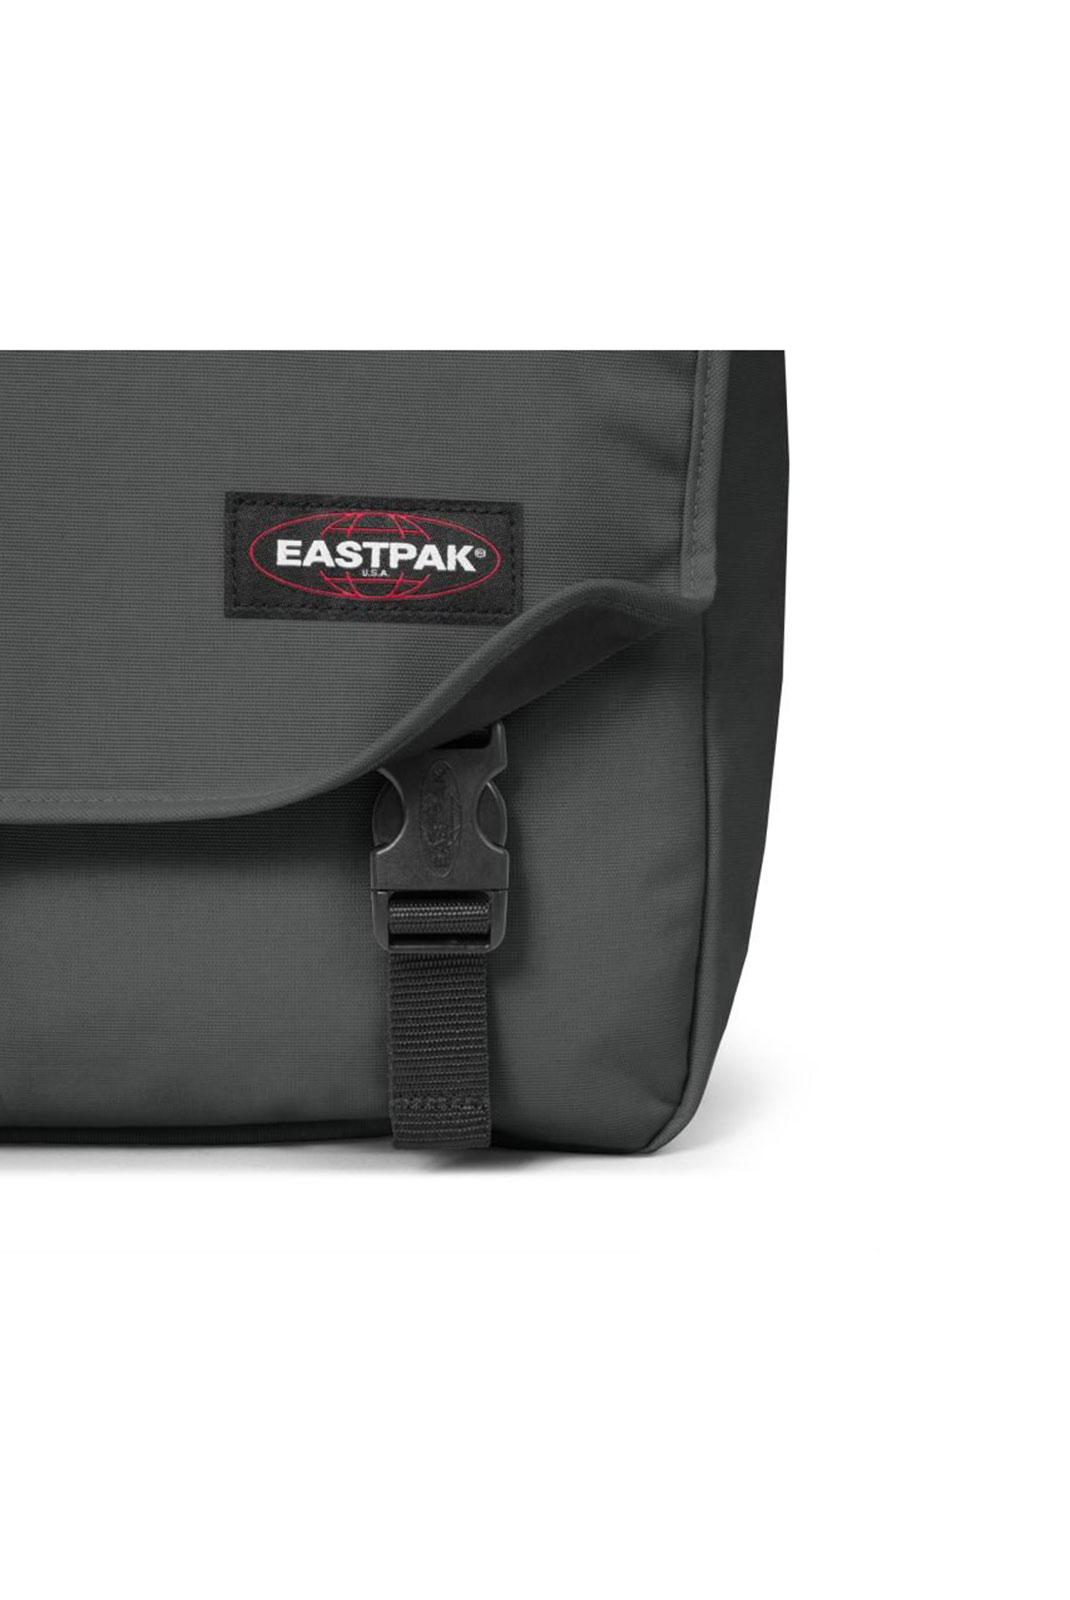 Sac porté épaule  Eastpak EK07641U DELEGATE 41U GRIS